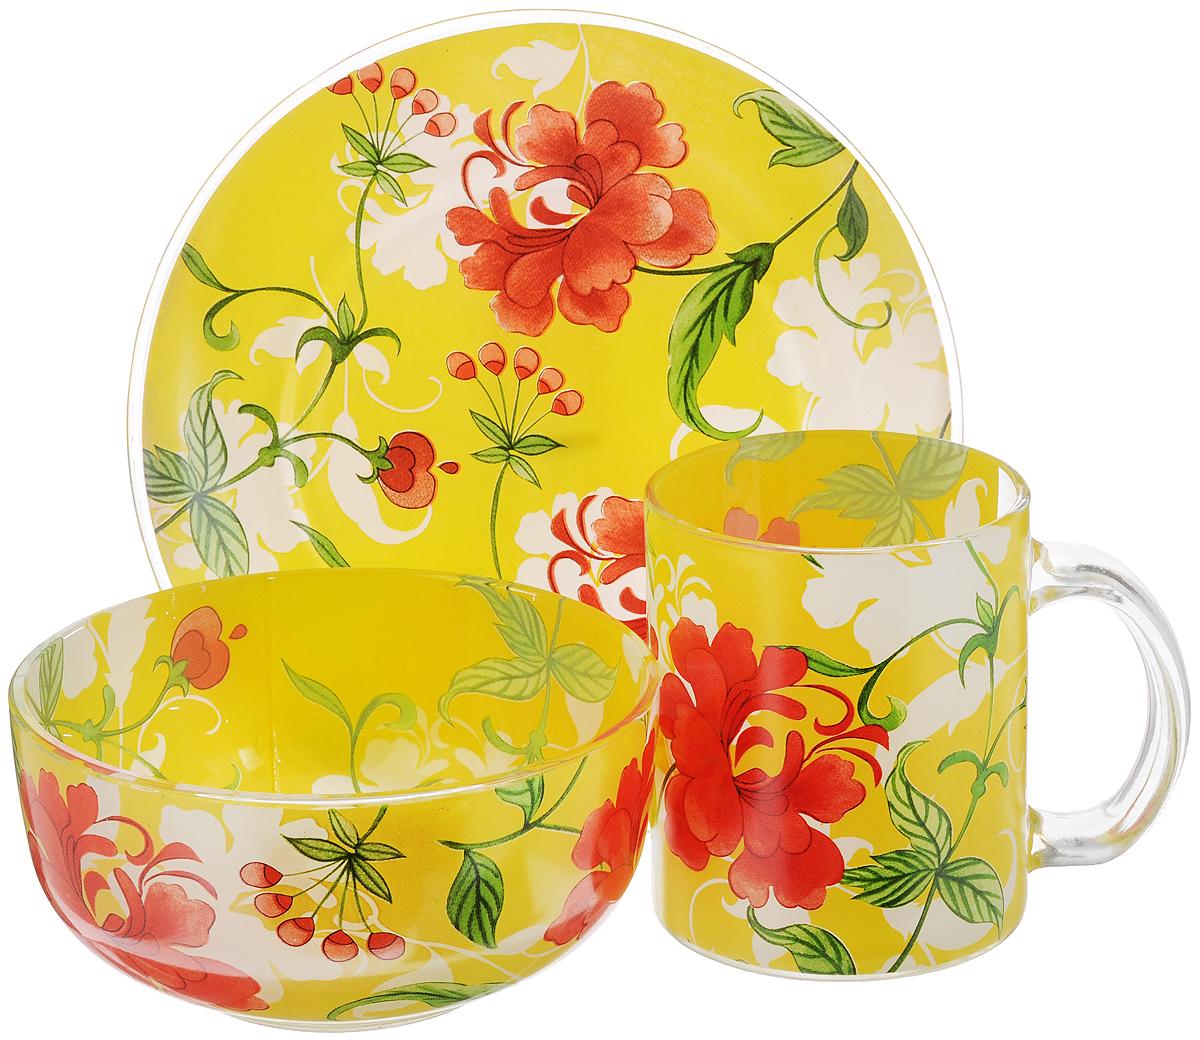 Набор для завтрака Bekker Koch, 3 предметаBK-5821Набор для завтрака Bekker Koch состоит из тарелки, салатника и кружки.Предметы набора выполнены из высококачественного жаропрочного стекла иоформлены ярким цветочным рисунком. Стильный дизайн, несомненно,придется вам по вкусу.Набор для завтрака Bekker Koch украсит ваш кухонный стол, а также станетзамечательным подарком к любому празднику.Диаметр кружки (по верхнему краю): 8 см. Высота кружки: 9,5 см. Объем кружки: 350 мл. Диаметр тарелки: 18,5 см. Высота тарелки: 2 см. Диаметр салатника: 13,2 см. Высота салатника: 6,5 см. Объем салатника: 600 мл.